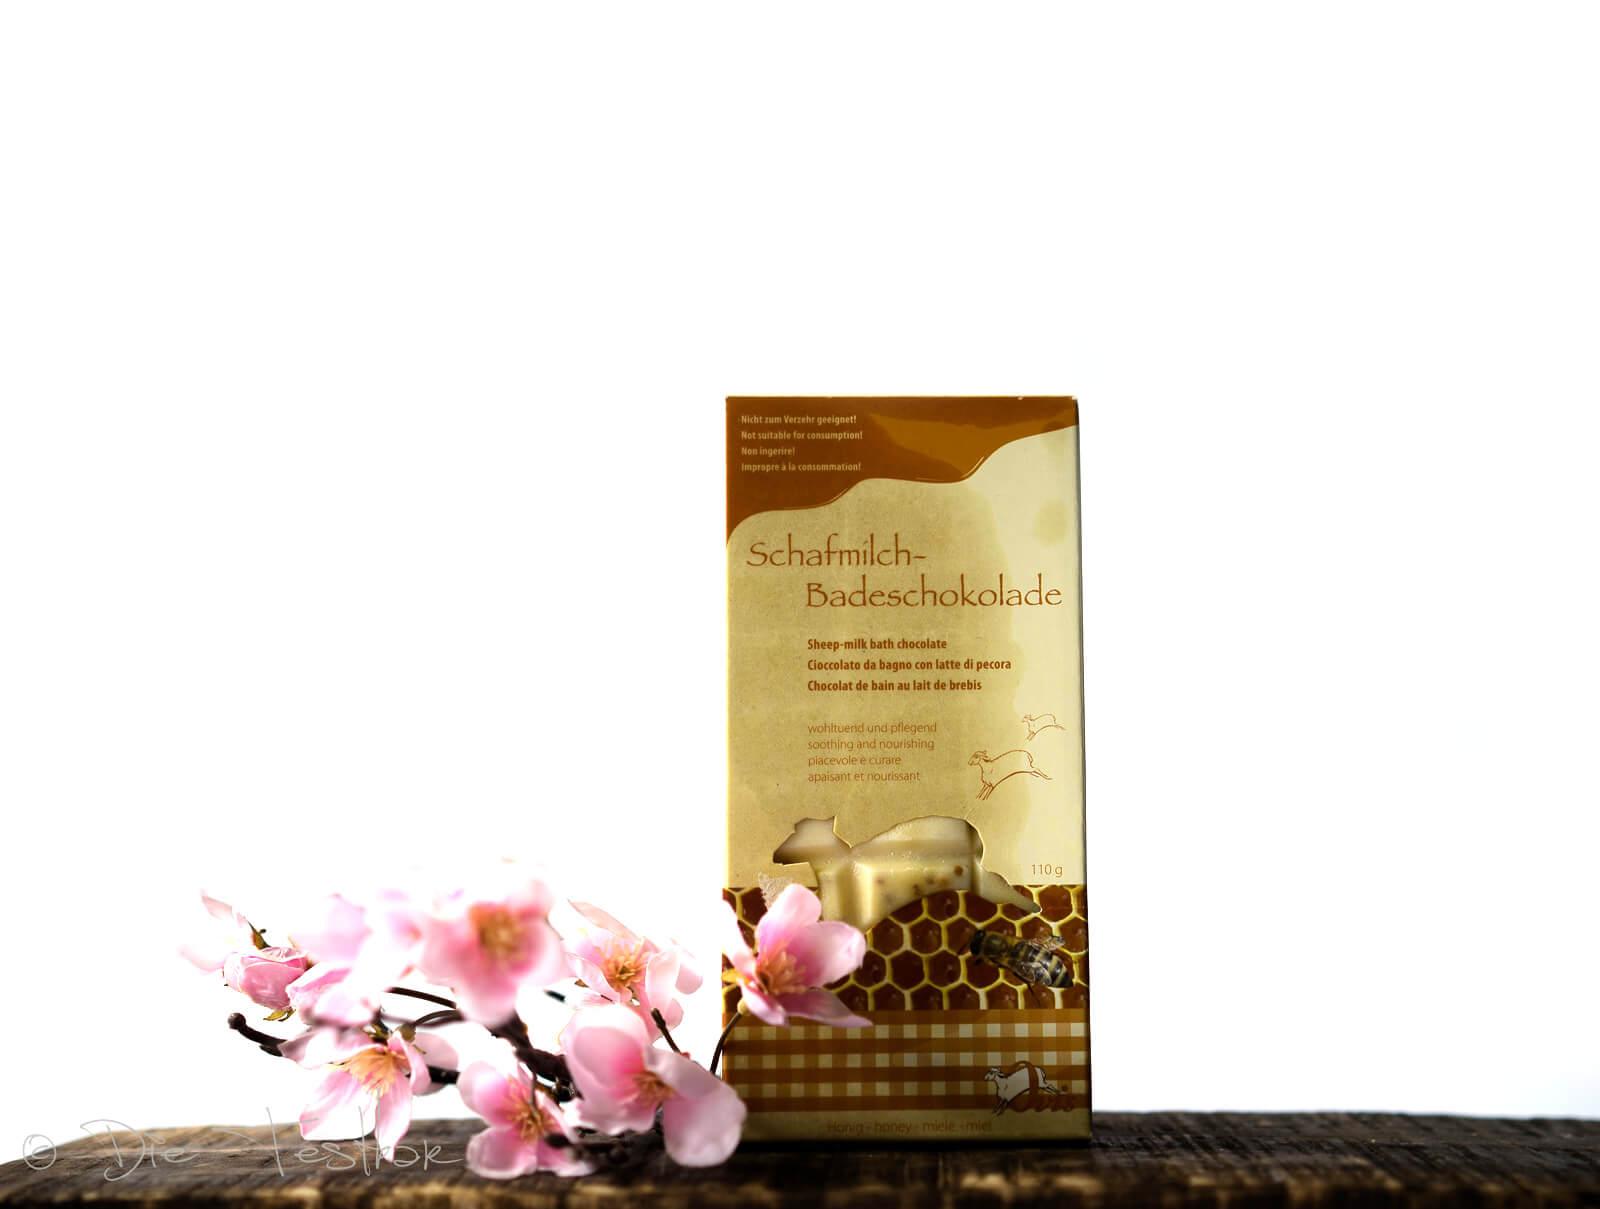 Badezusatz Schafmilch – Badeschokolade Honig – Ovis